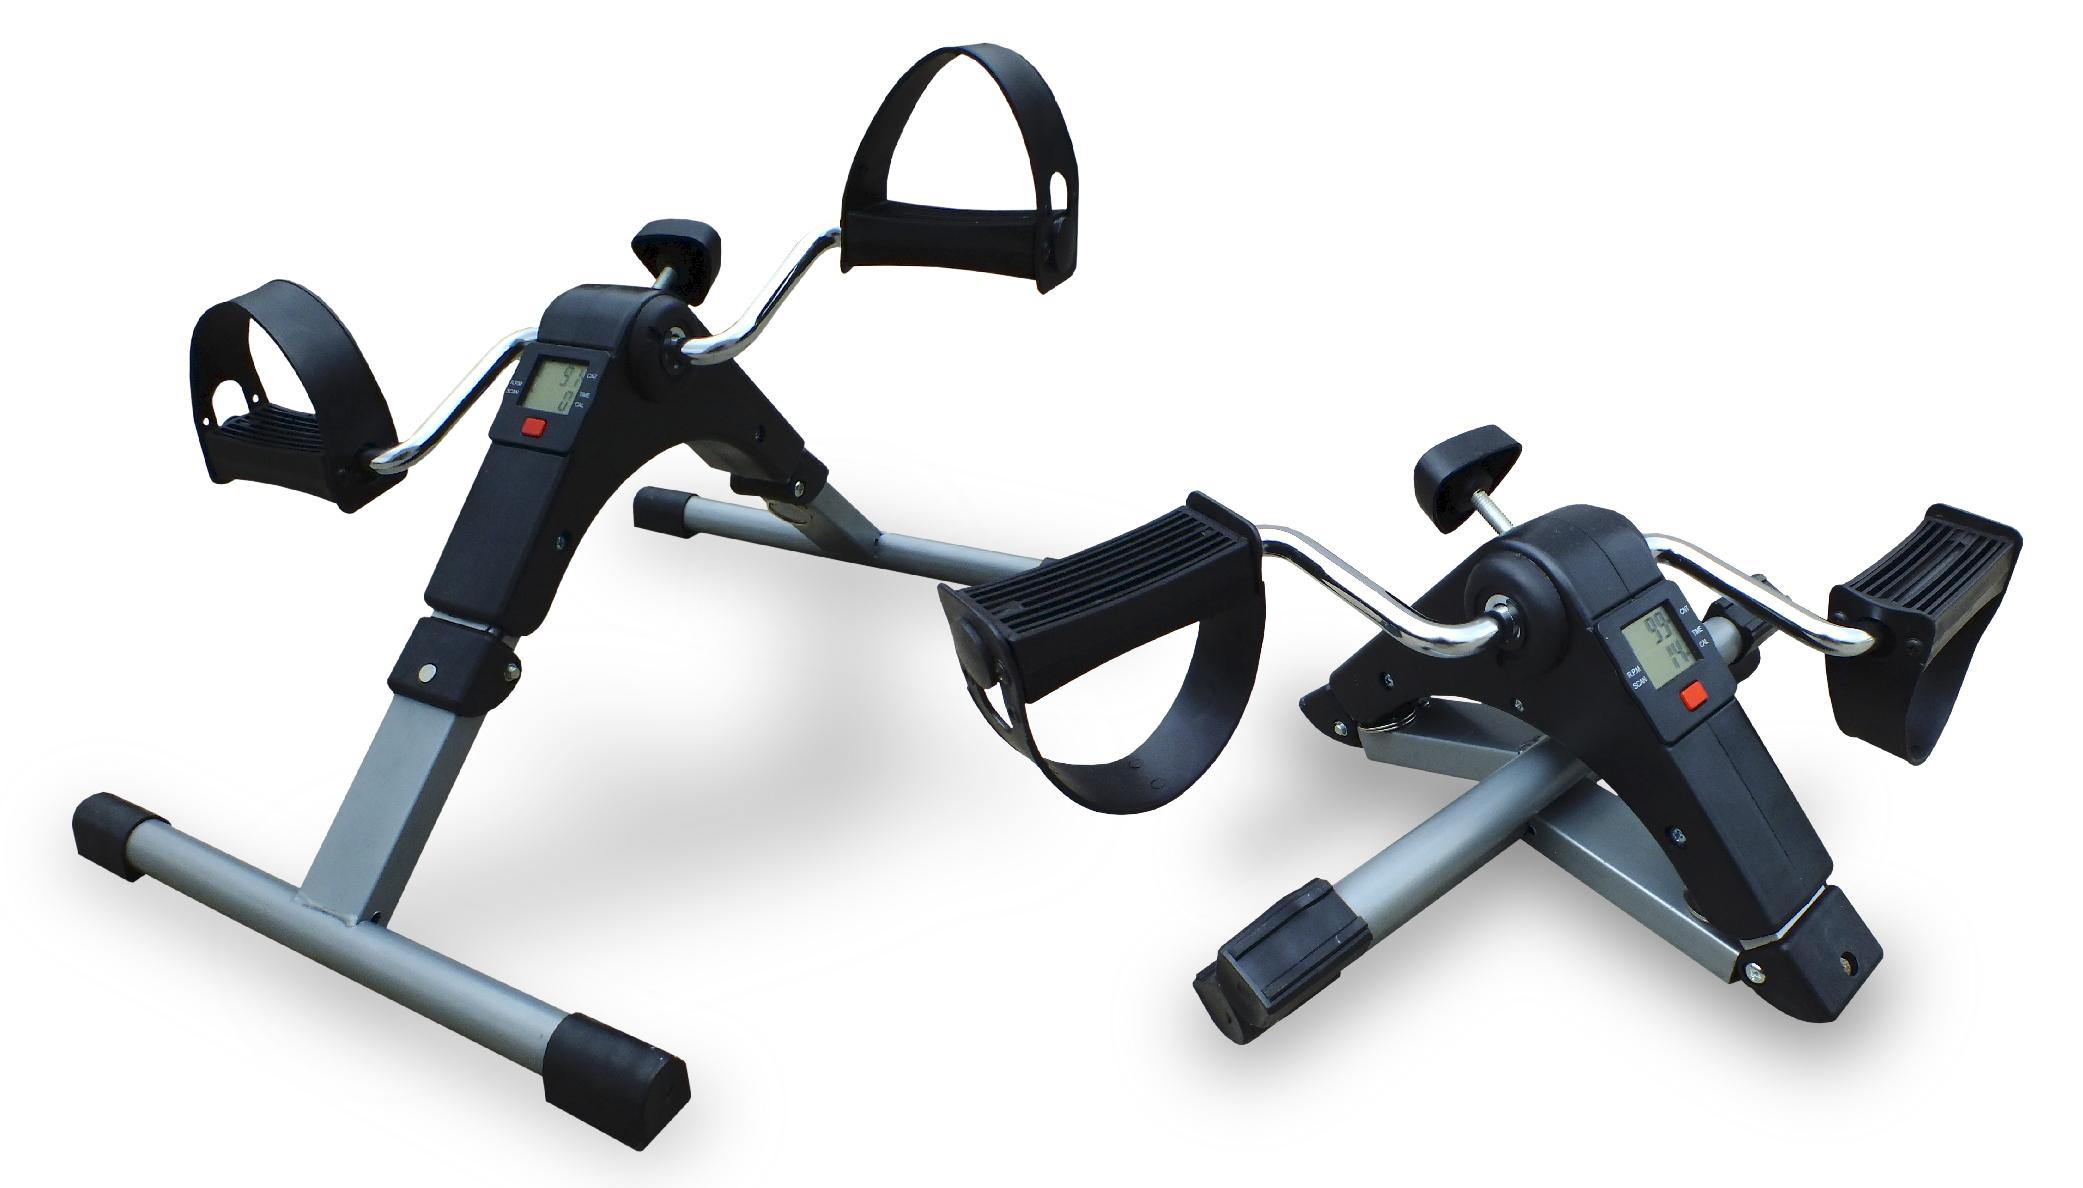 PÉDALIER AVEC ECRAN LCD Ce pédalier permet de mettre en oeuvre facilement un exercice physique. Il est équipé d'une molette de serrage permettant de modifier la résistance de